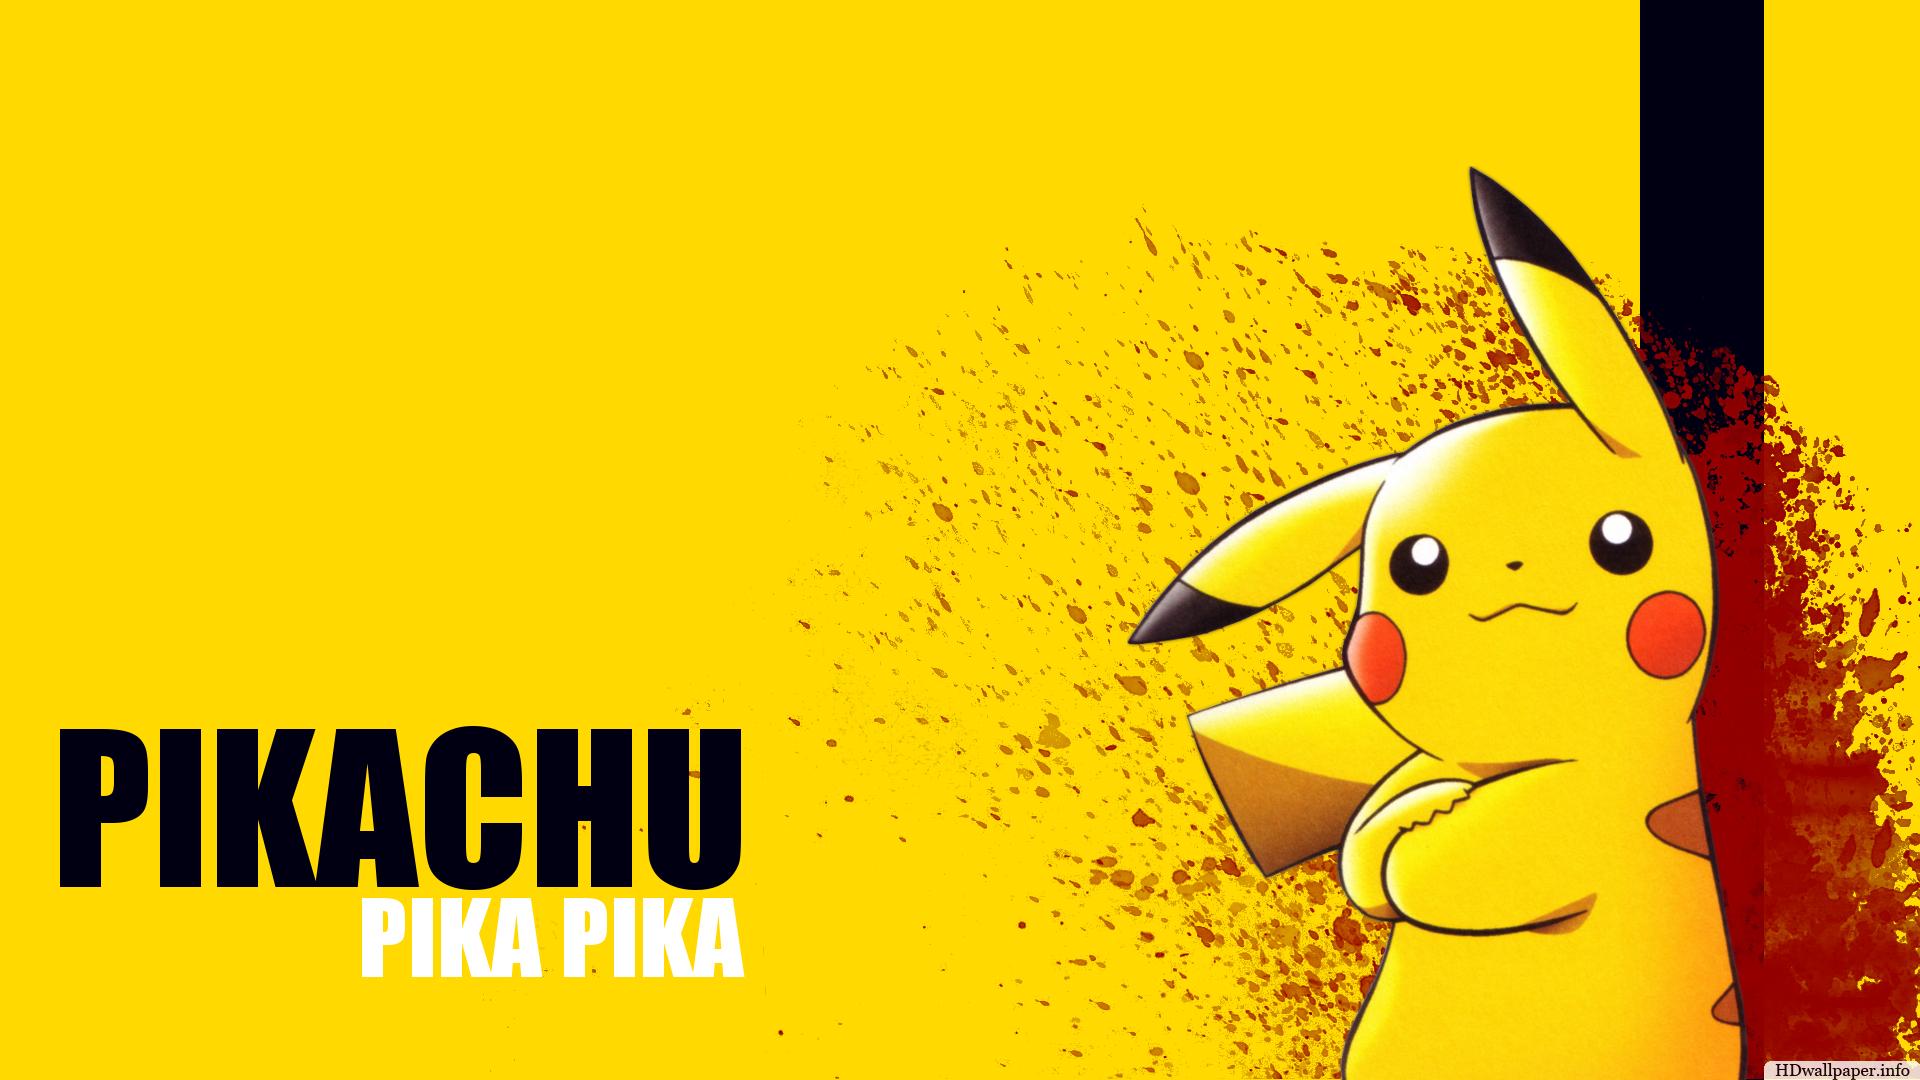 pikachu wallpaper download http//hdwallpaper.info